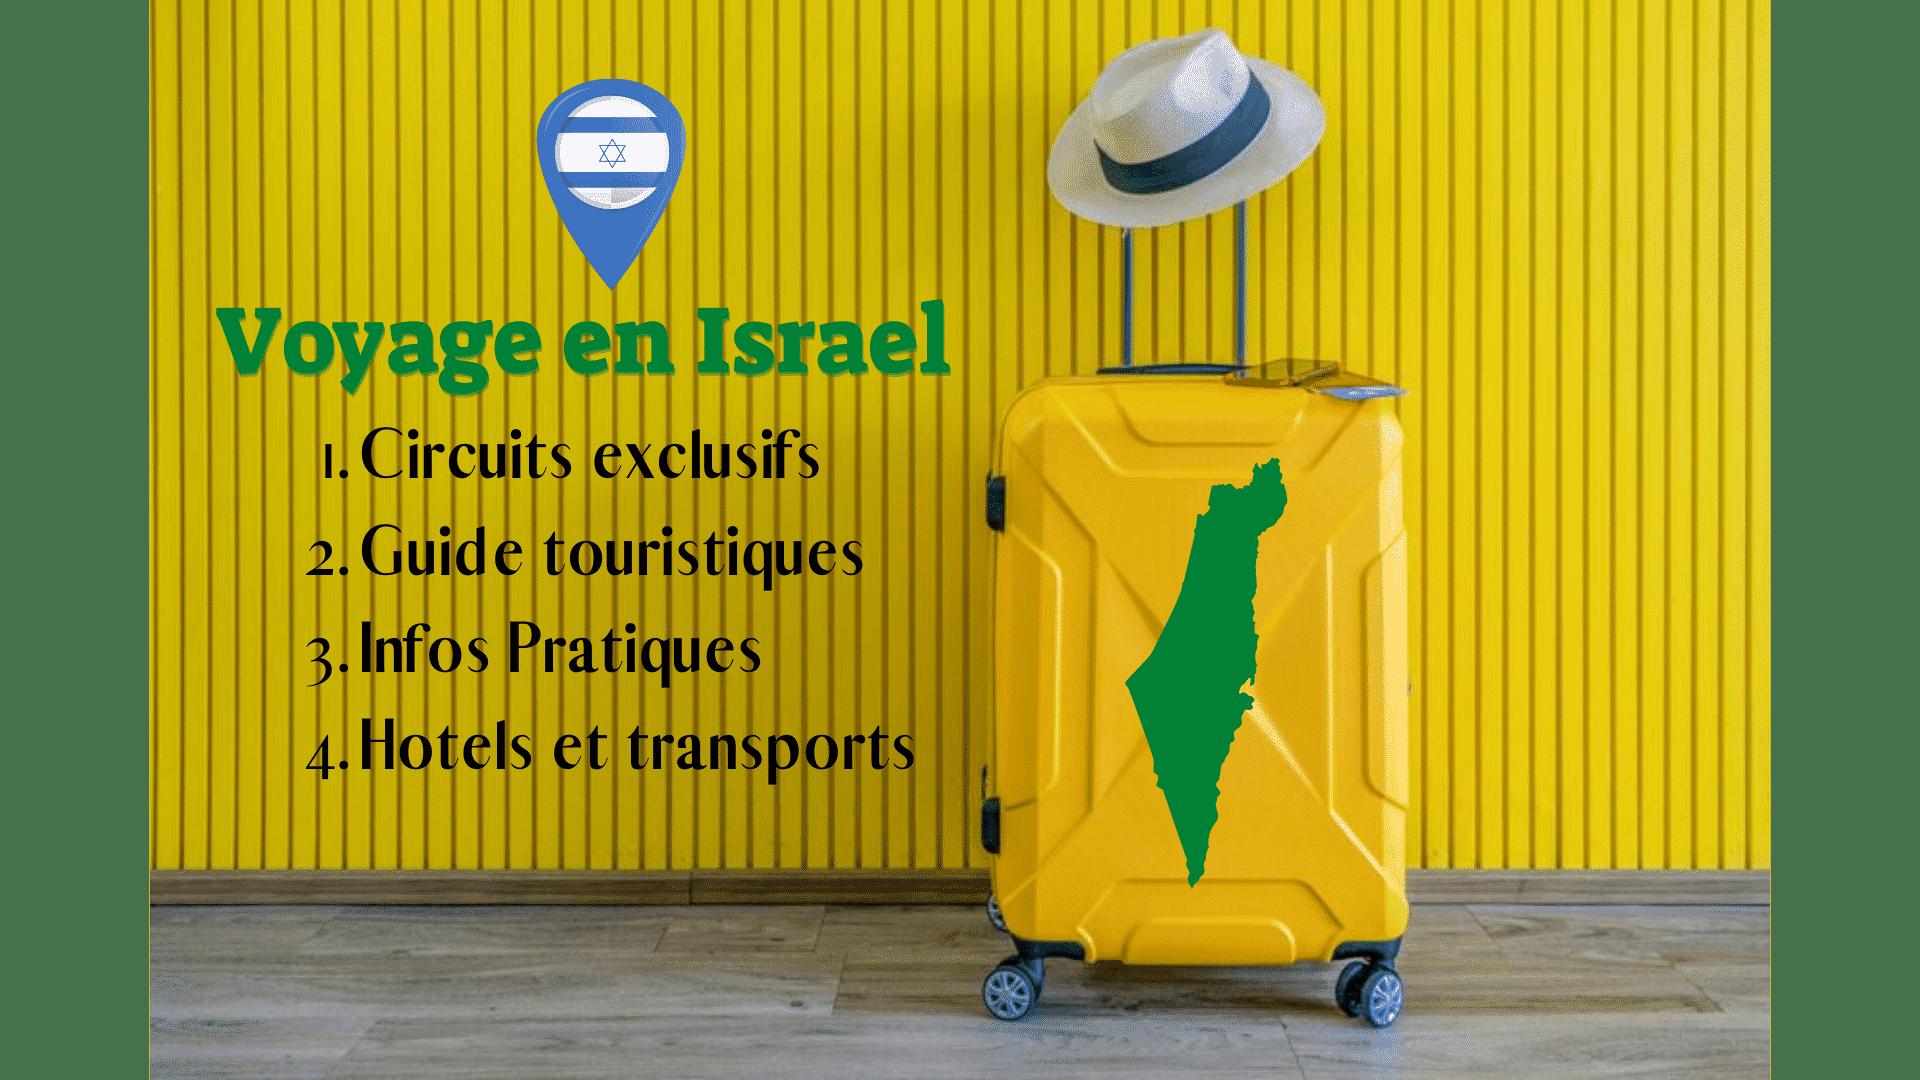 Voyage en Israel